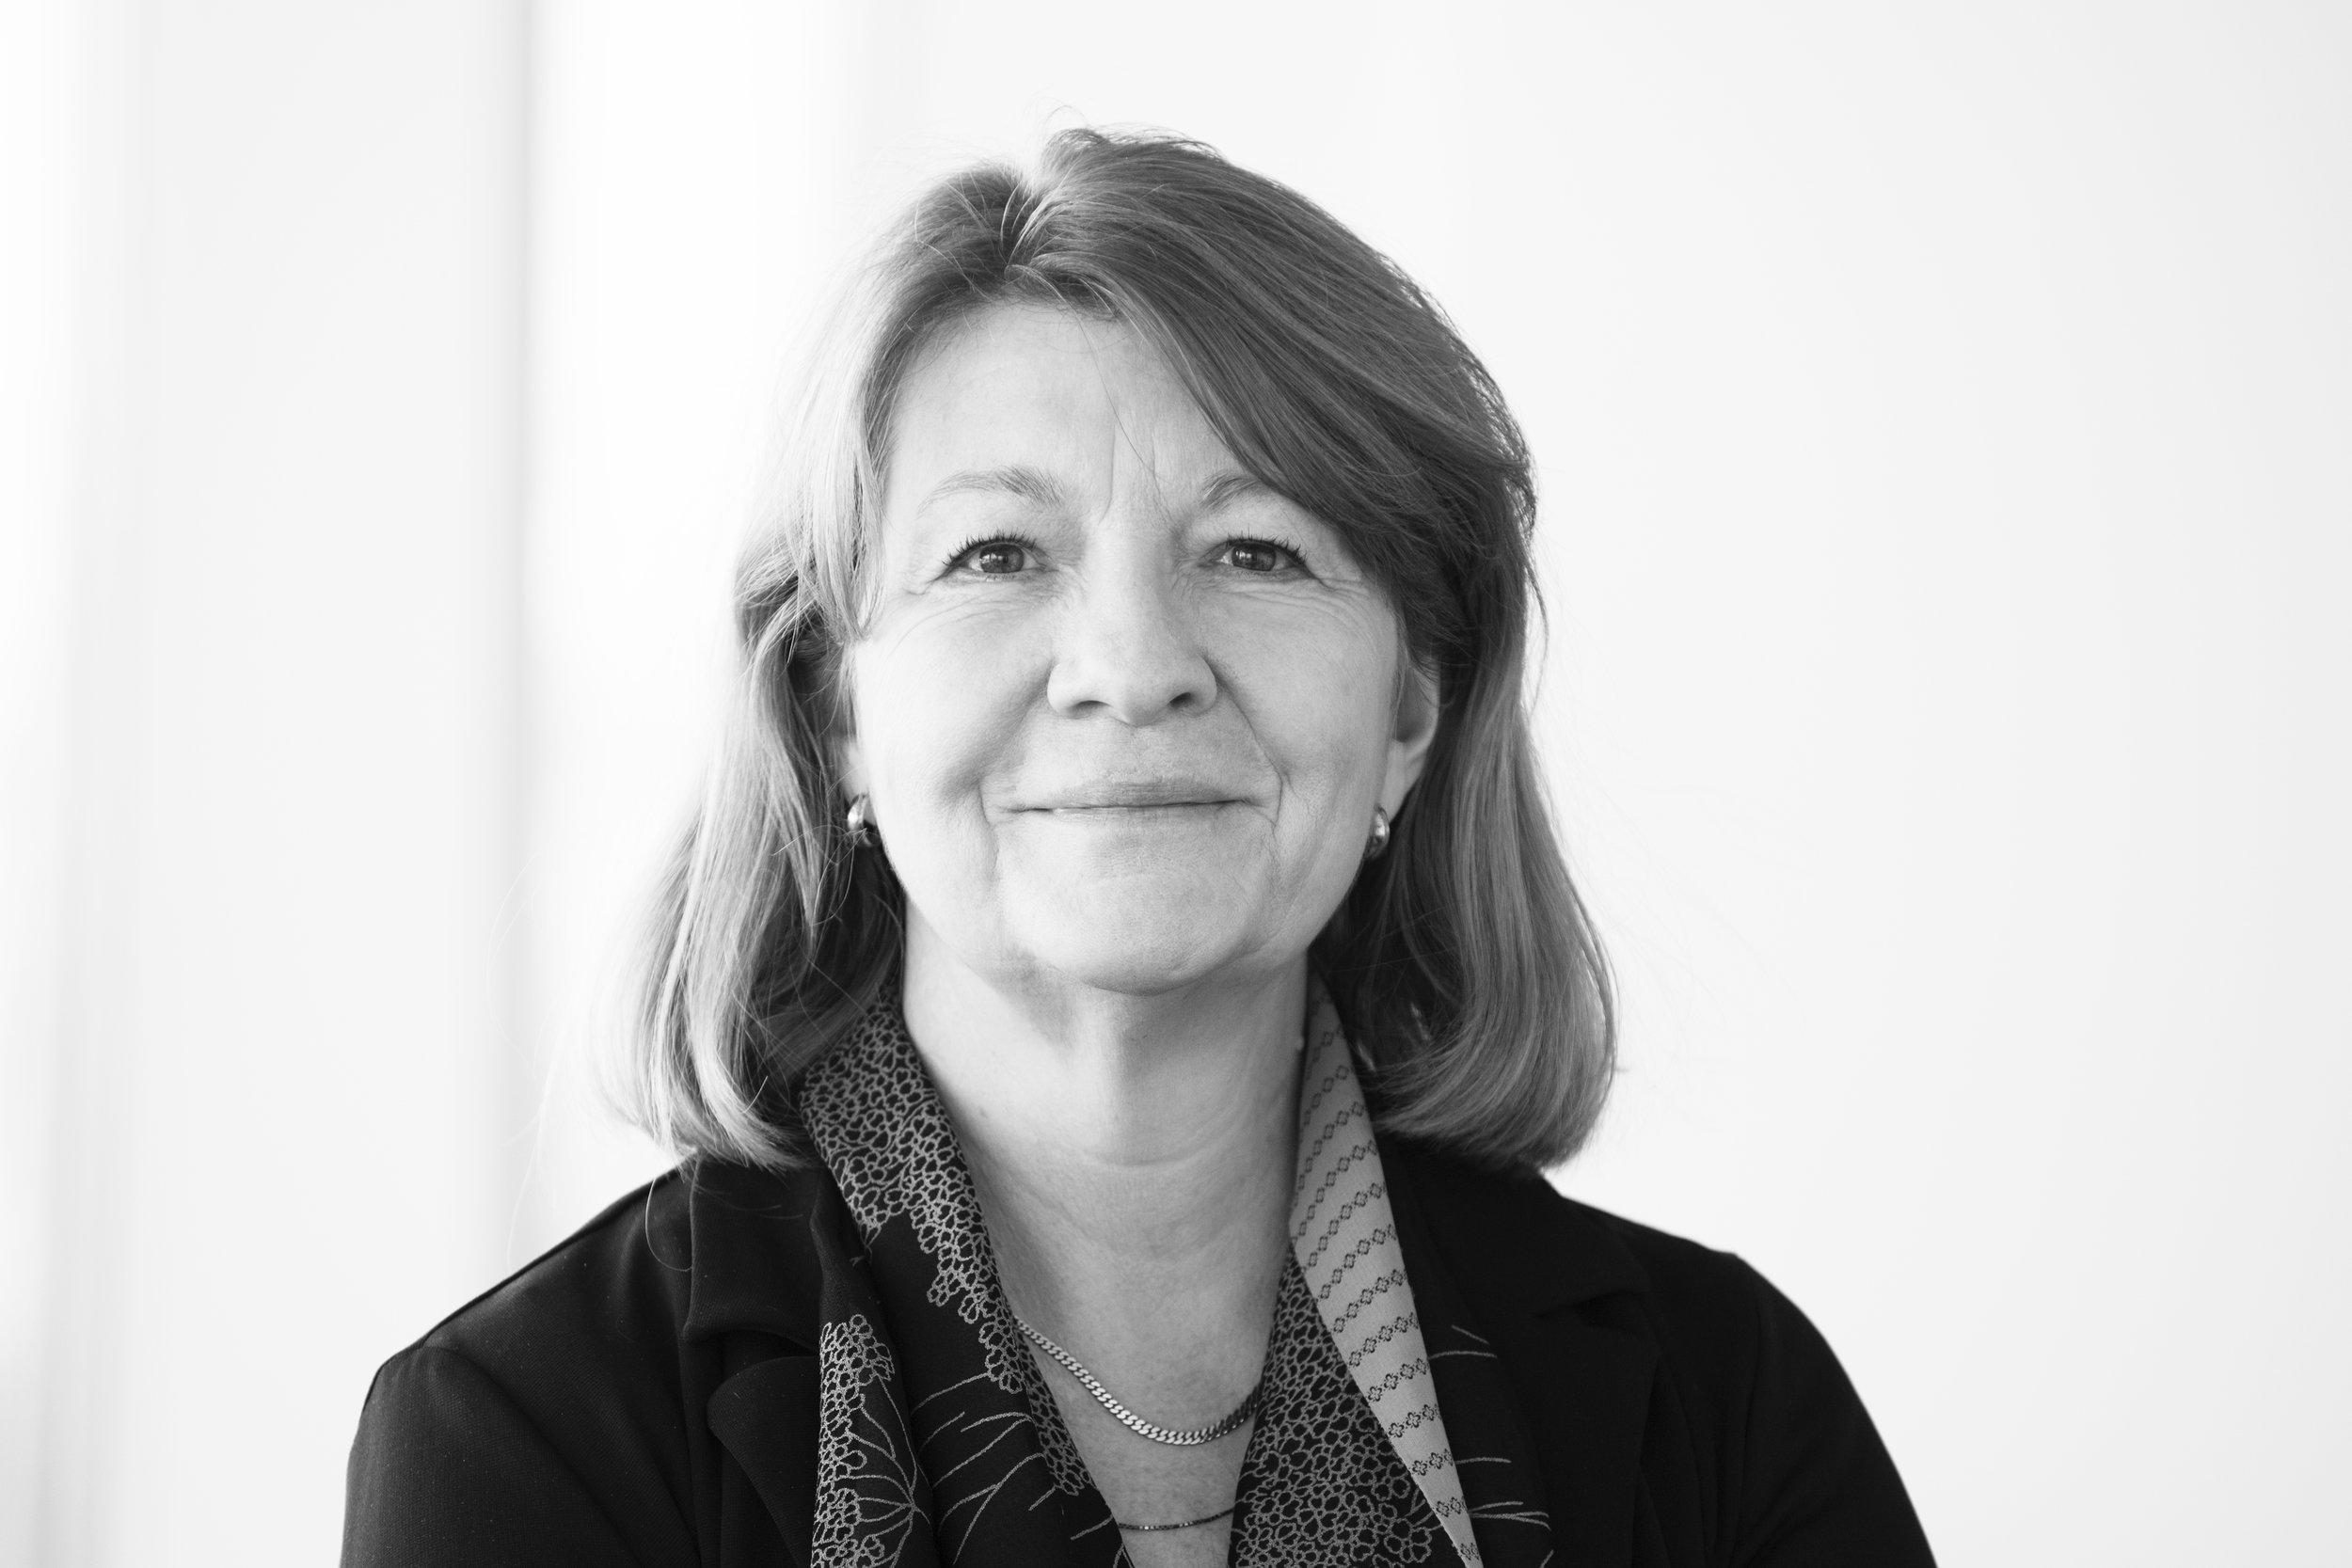 Ann - Ann Johansson /Business AssistantAnn har varit hos Nordic Interim sedan 2013 och jobbar idag från Italien. Hon har tidigare varit bl a Partner Assistant McKinsey & Company, White & Case samt Odgers Berndtson.+46 (0)70 493 64 54 /ann.johansson@nordicinterim.com